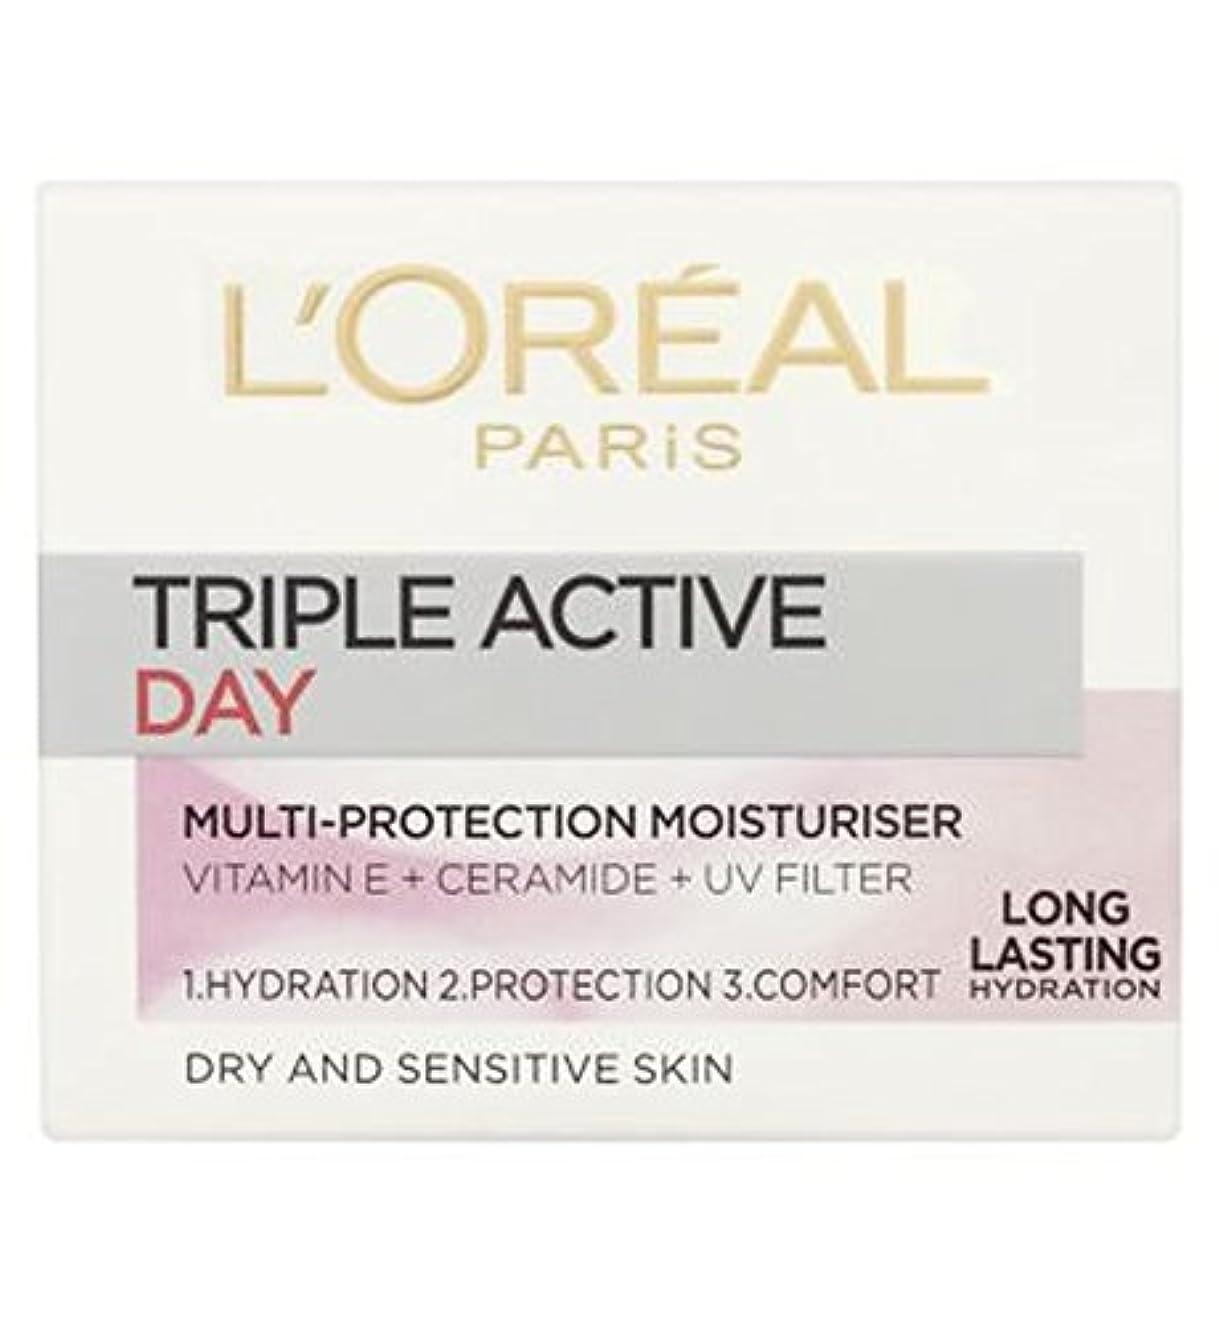 エイリアンインフレーションファンL'Oreallパリトリプルアクティブな一日のマルチ保護保湿乾燥肌や敏感肌の50ミリリットル (L'Oreal) (x2) - L'Oreall Paris Triple Active Day Multi Protection Moisturiser Dry and Sensitive Skin 50ml (Pack of 2) [並行輸入品]